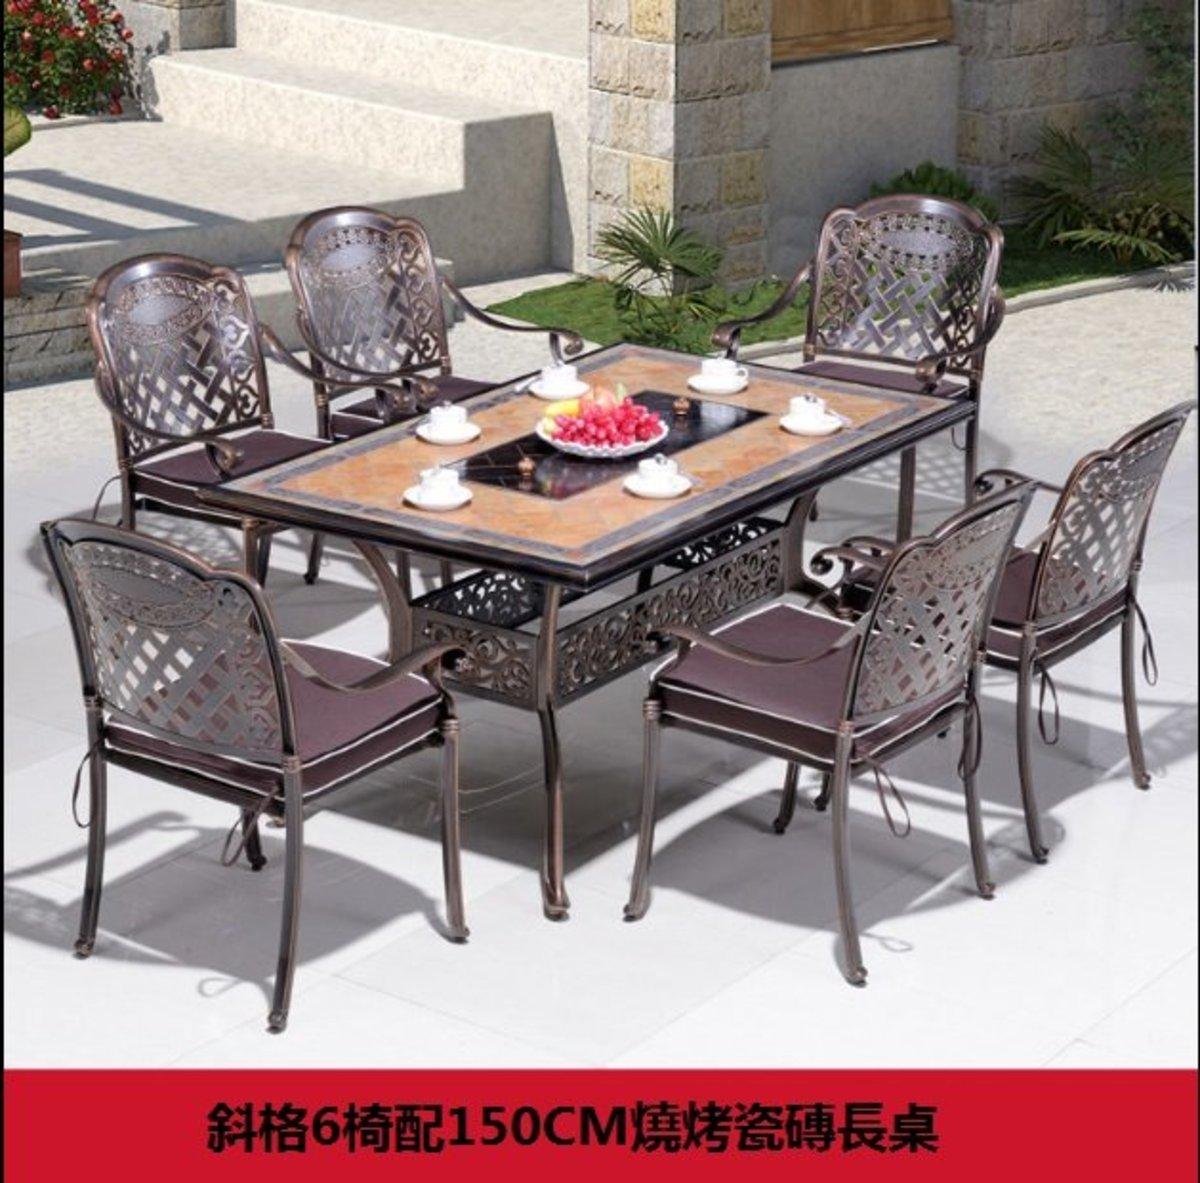 歐式鐵藝防水防曬桌椅(斜格6椅配150CM燒烤瓷磚長桌)